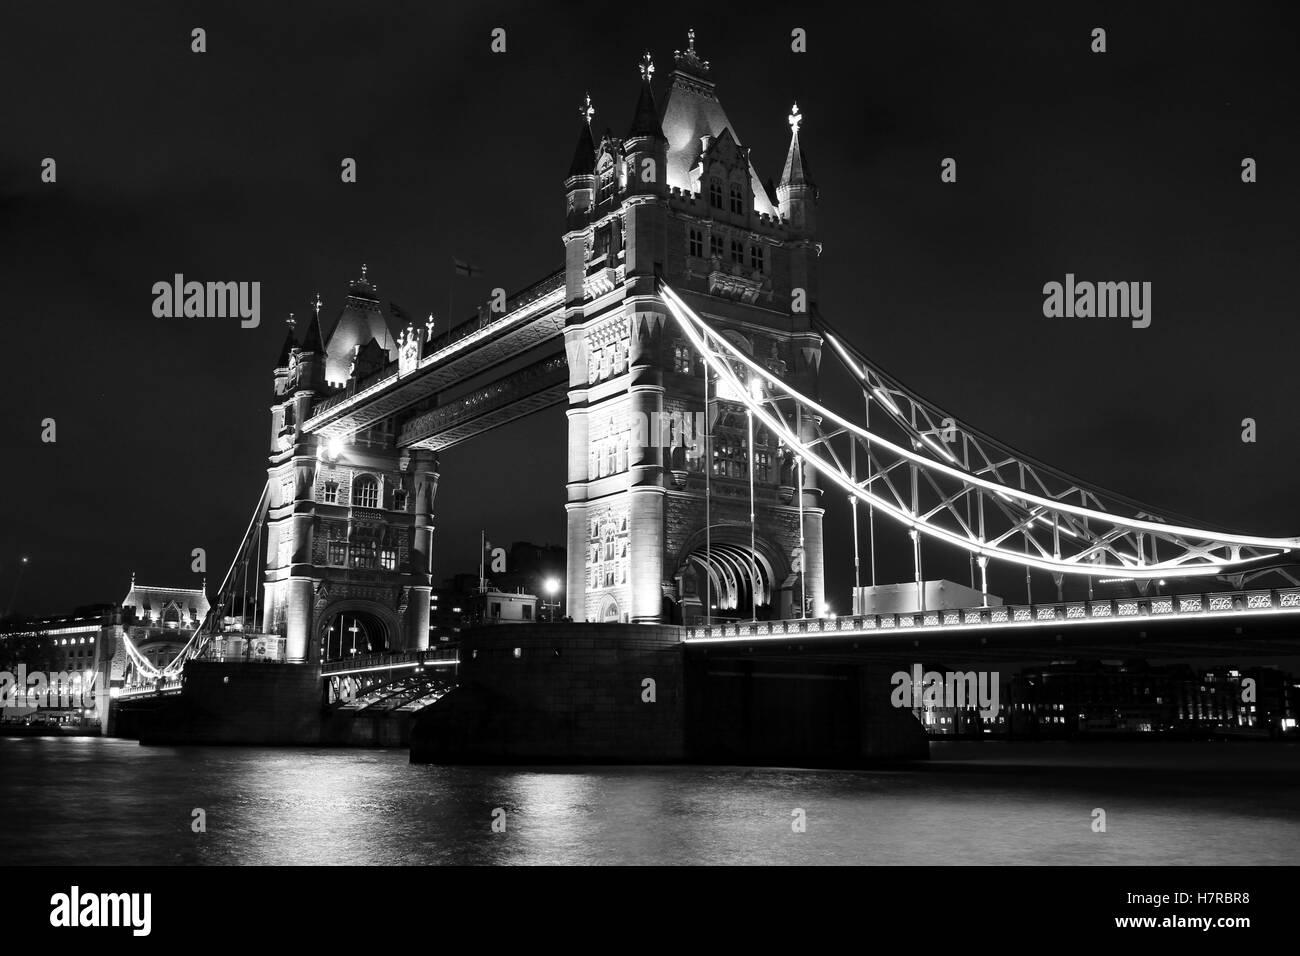 Une longue exposition photographie noir et blanc de Tower Bridge de nuit. Banque D'Images